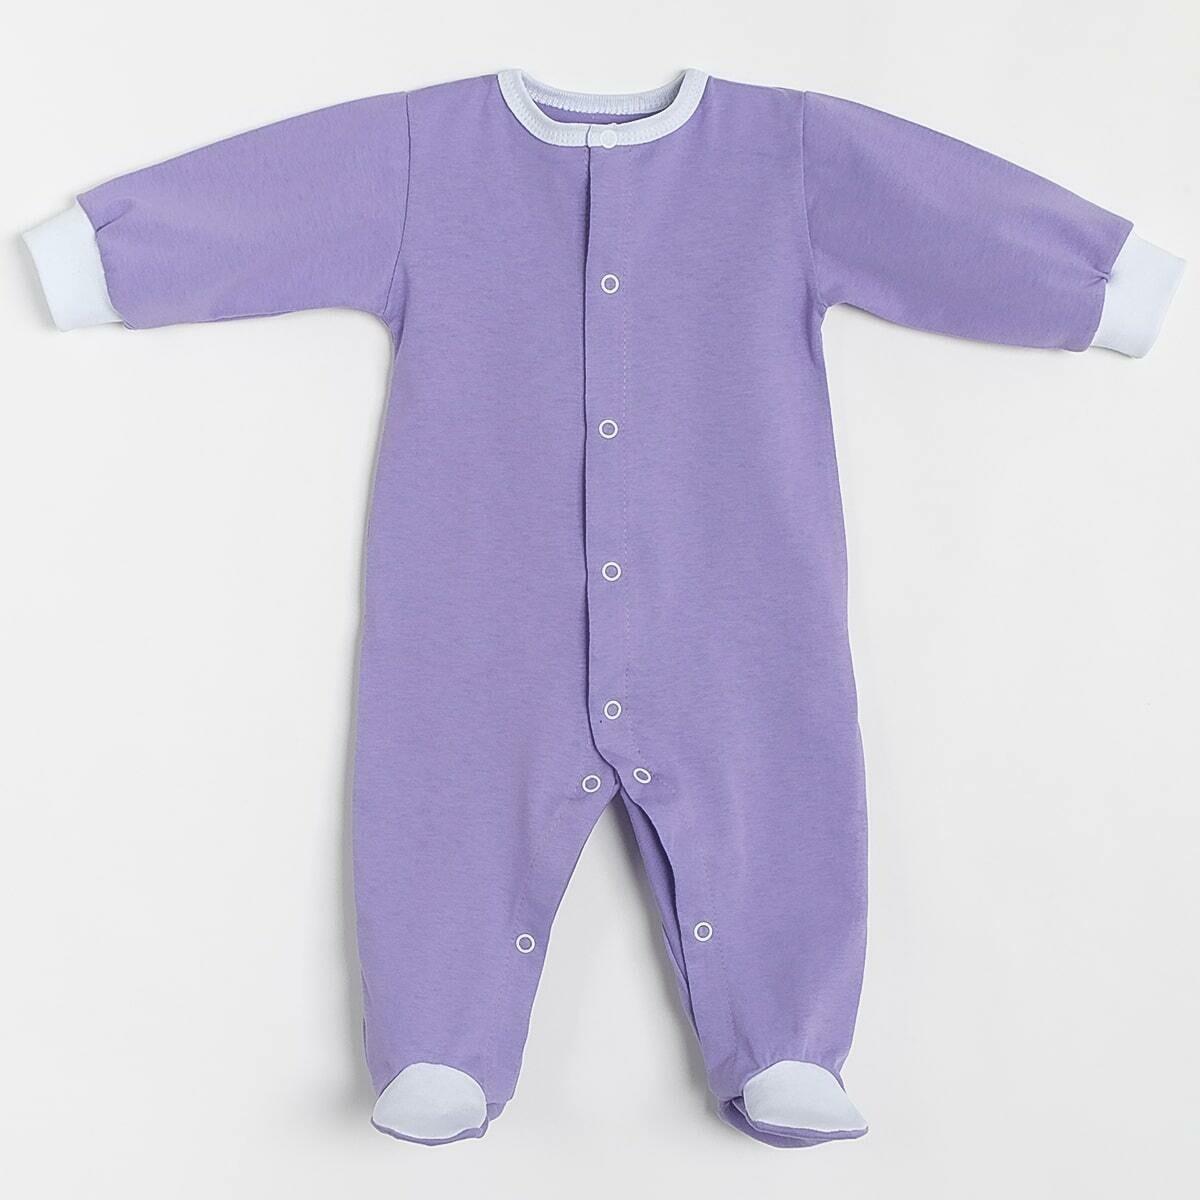 Комбинезон СКАЗКА, кнопки по всей длине, тонкий трикотаж, фиолетовый